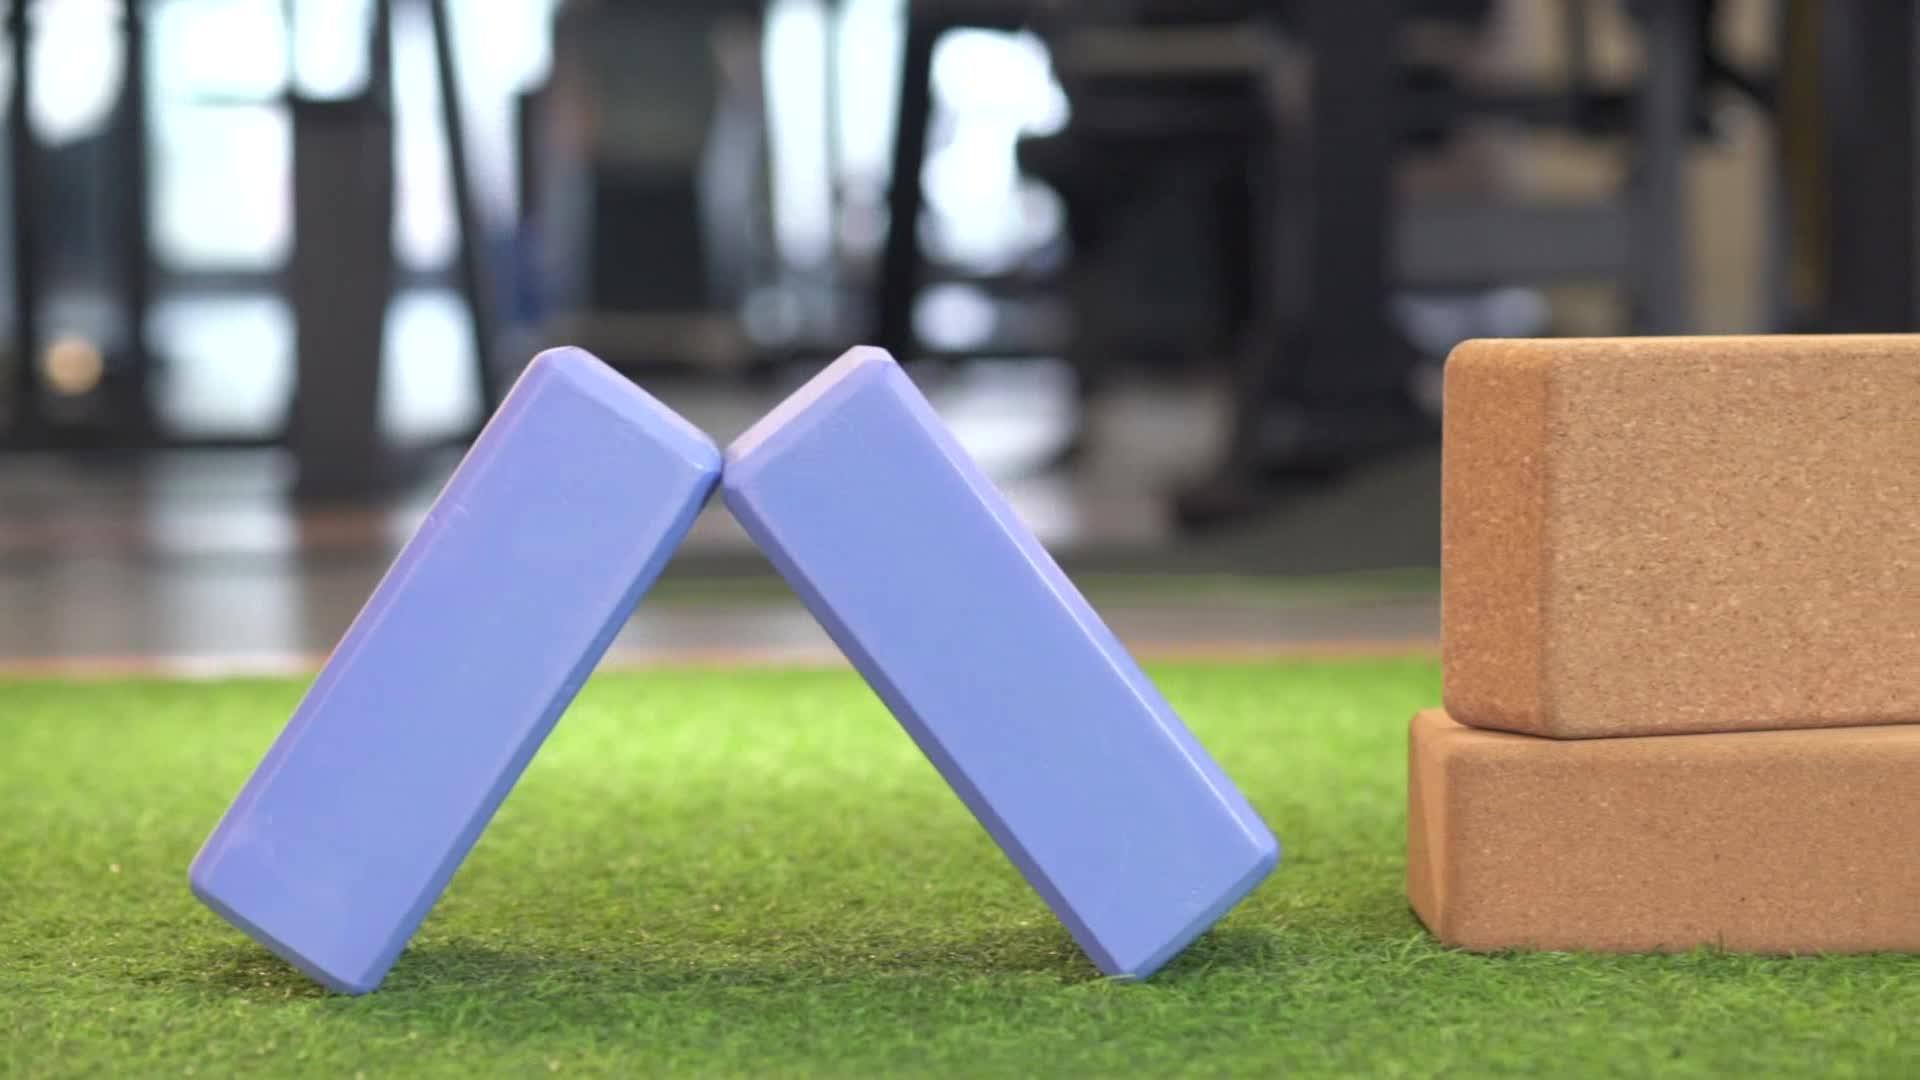 Provides Stability Balance Customized Color EVA Yoga Block / Exercise Block